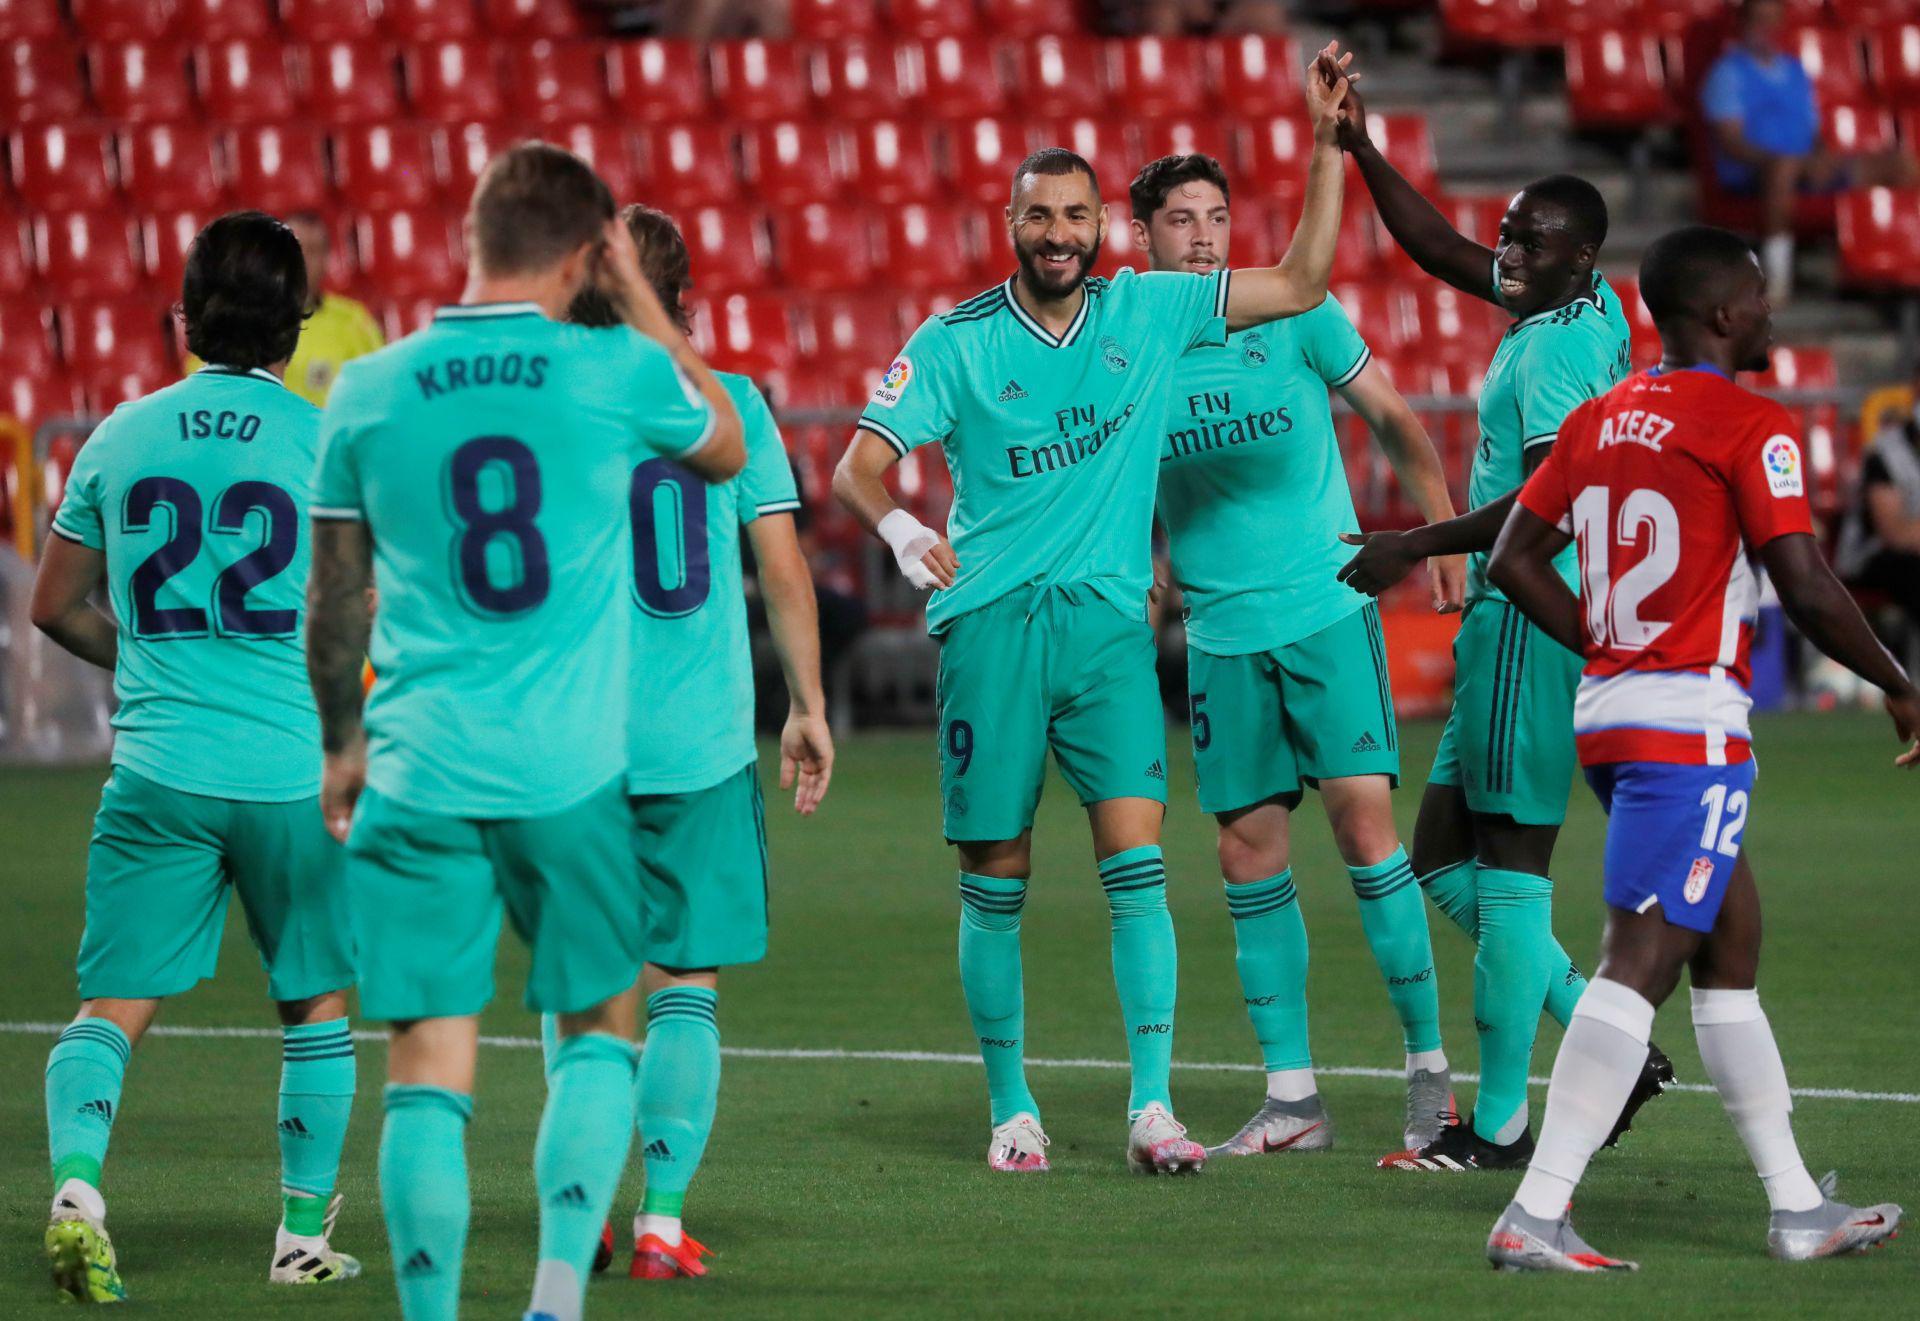 ريال مدريد يوجه رسالة تحذيرية لجماهيره قبل حسم الدوري الإسباني